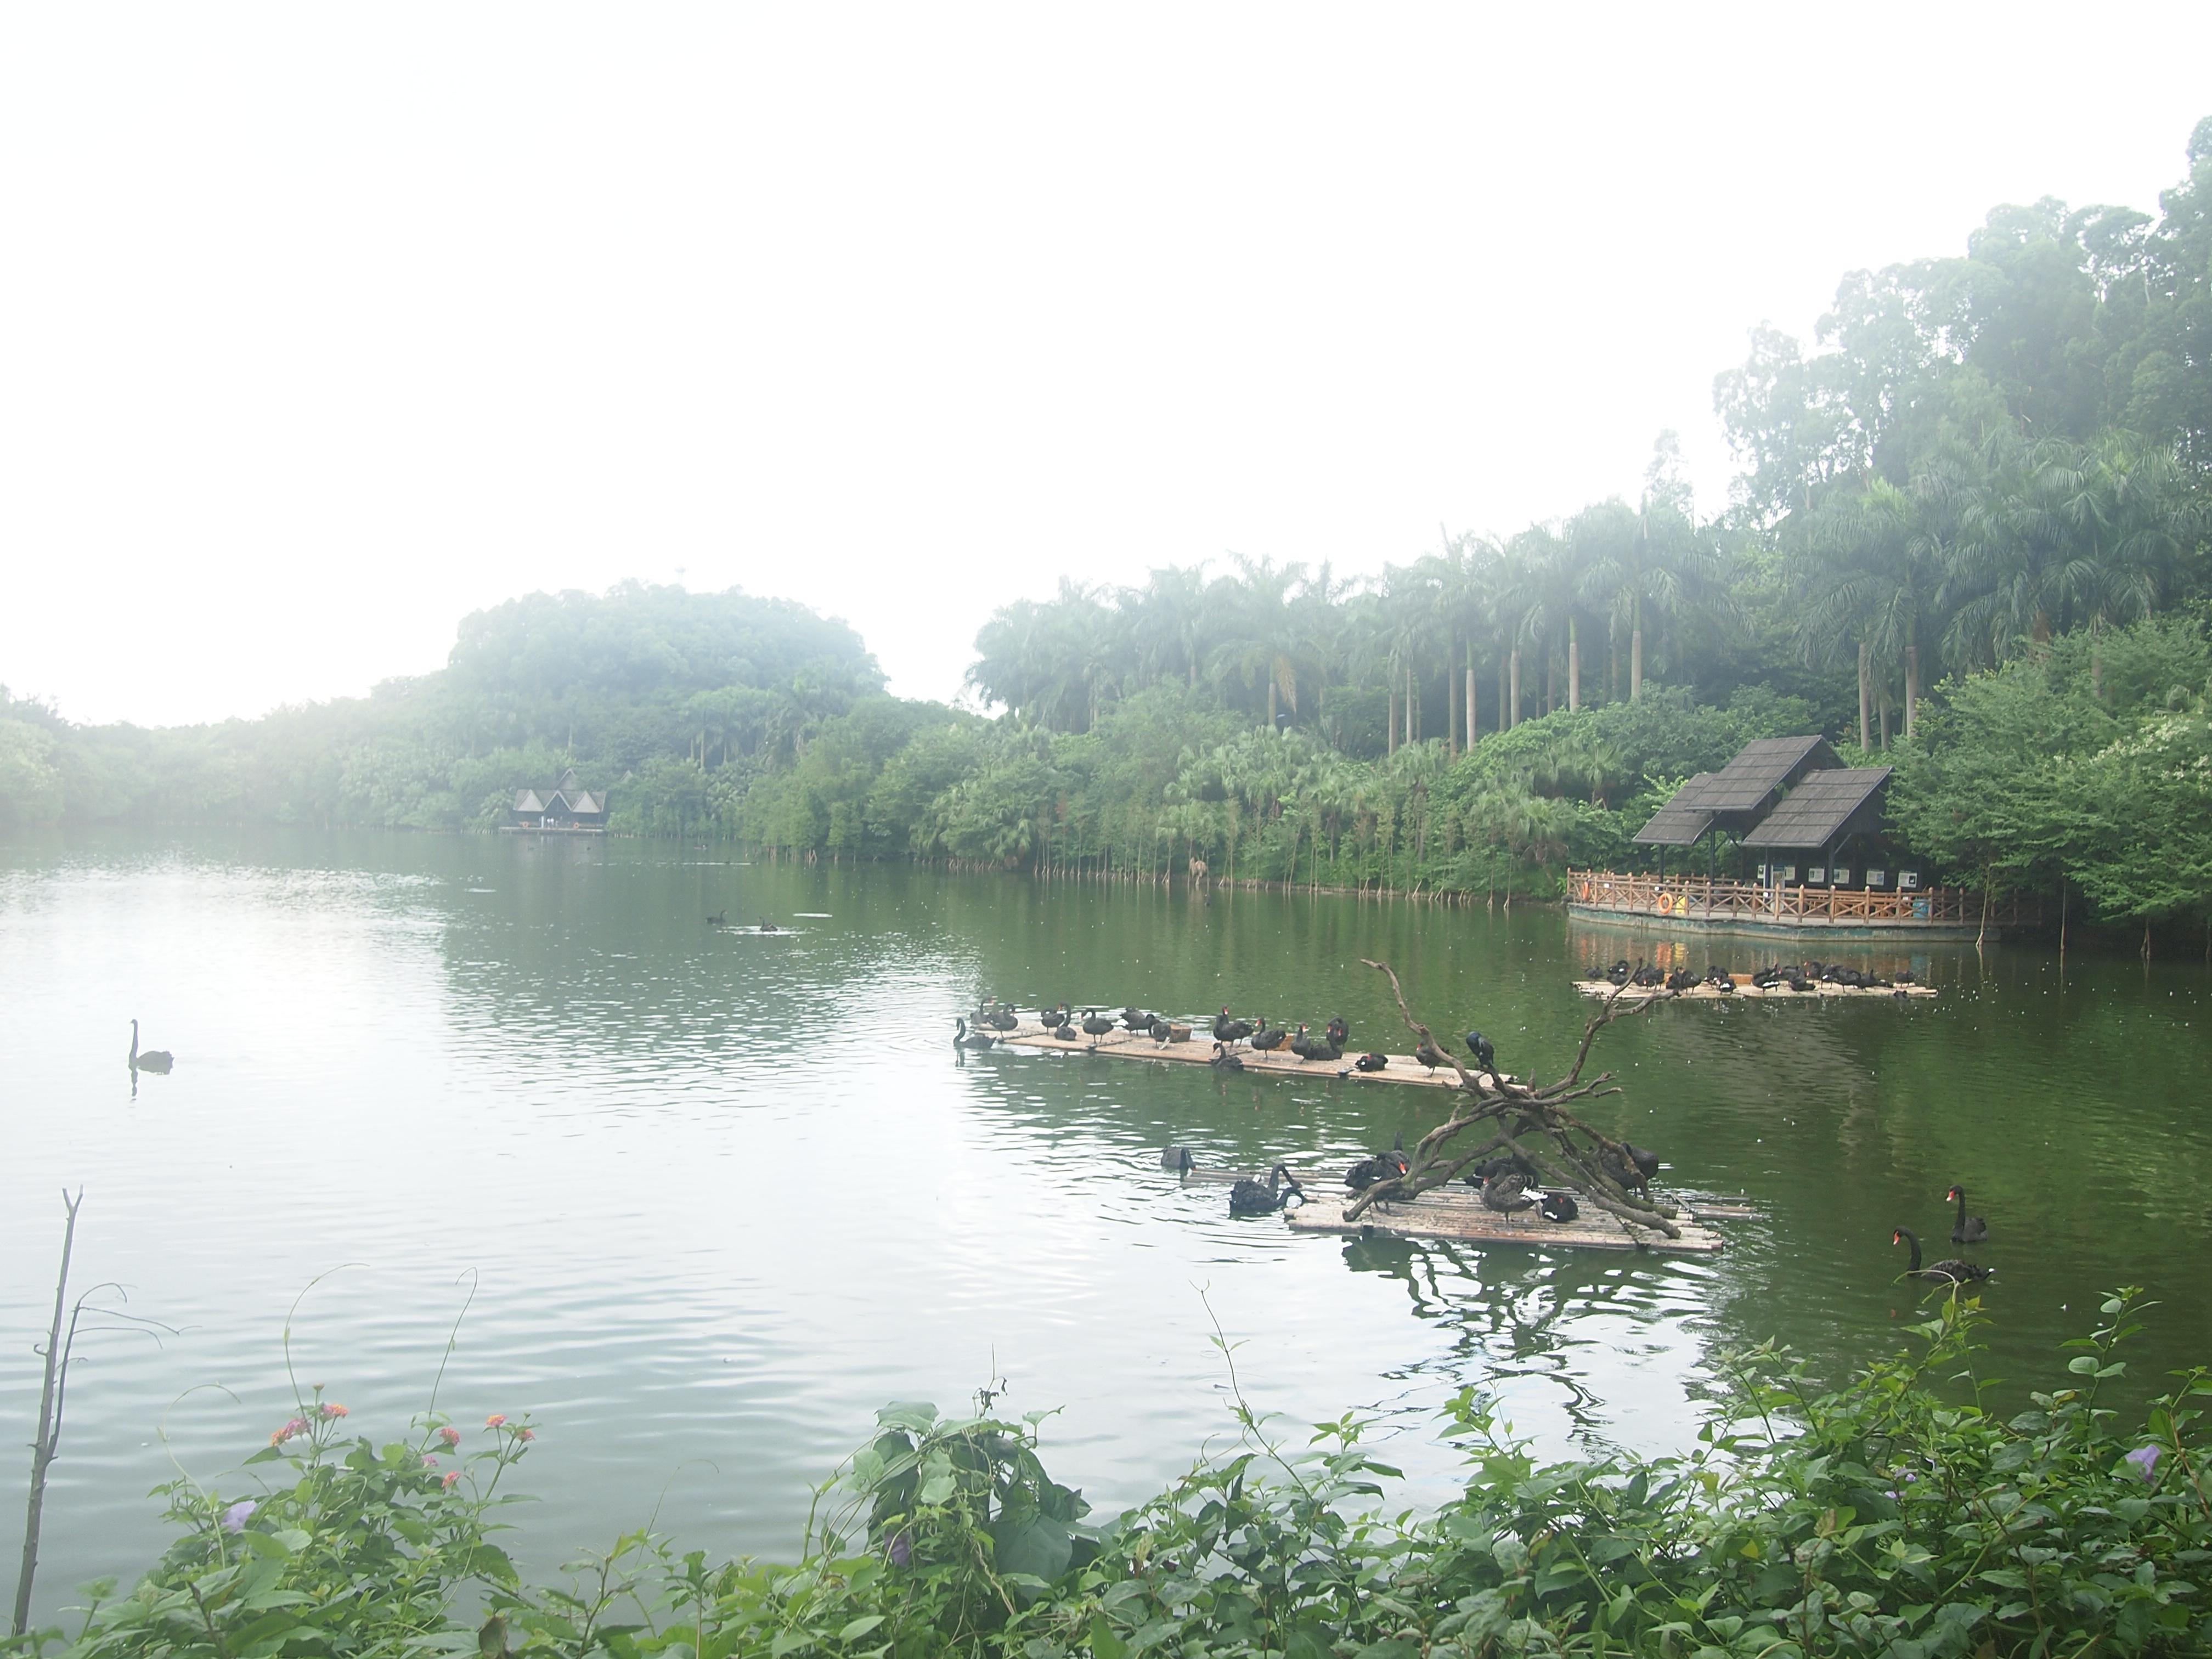 长隆旅游度假区,广州长隆旅游度假区攻略/地址/图片